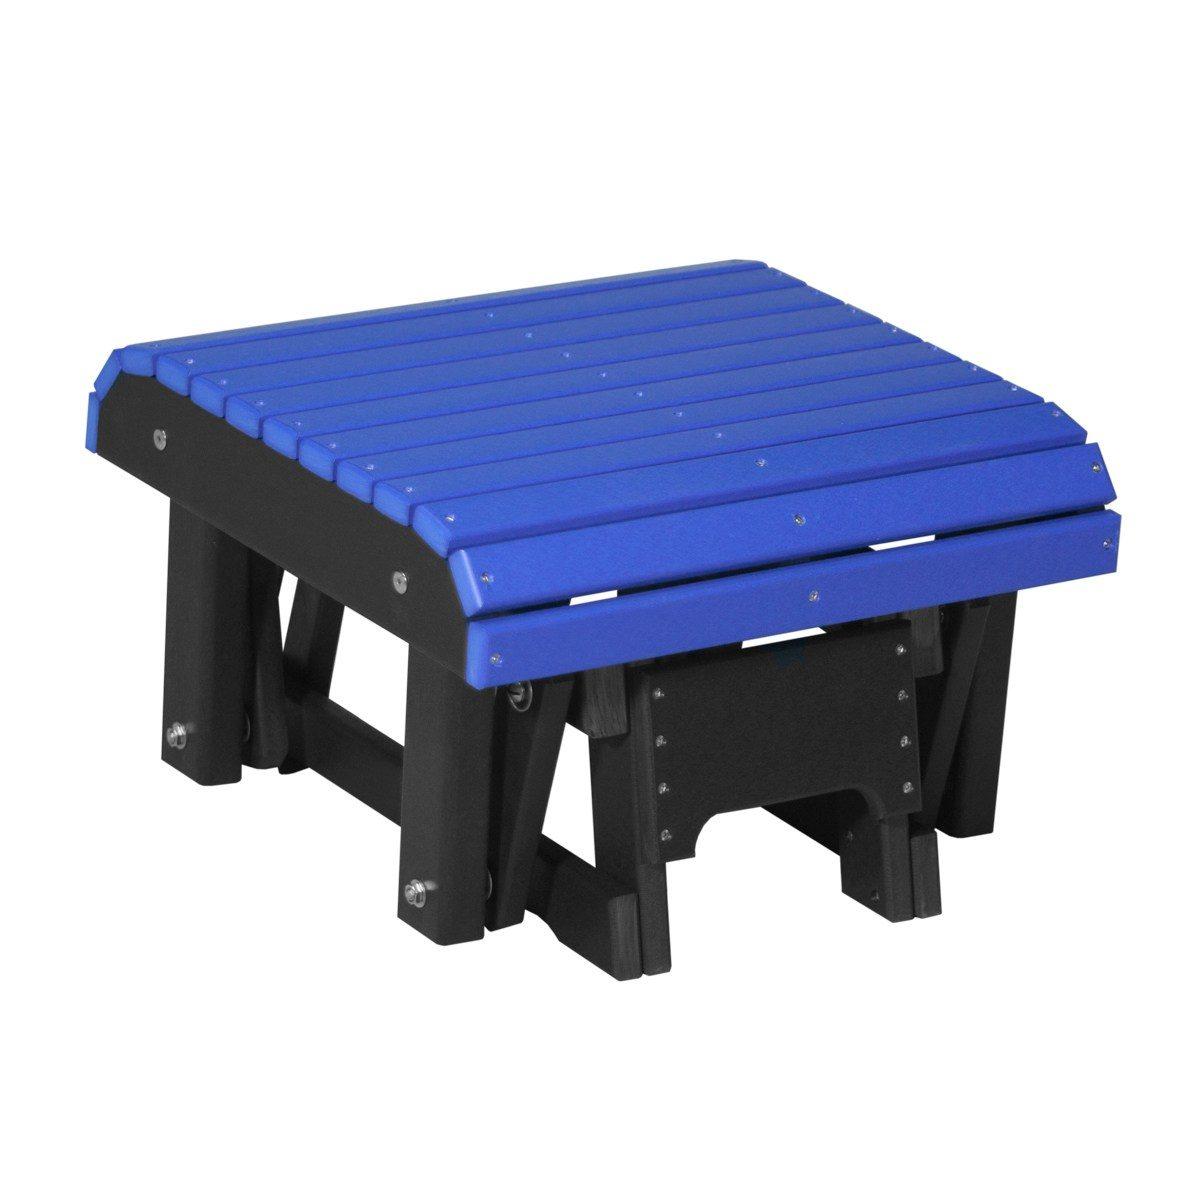 Glider Footrest - Blue & Black